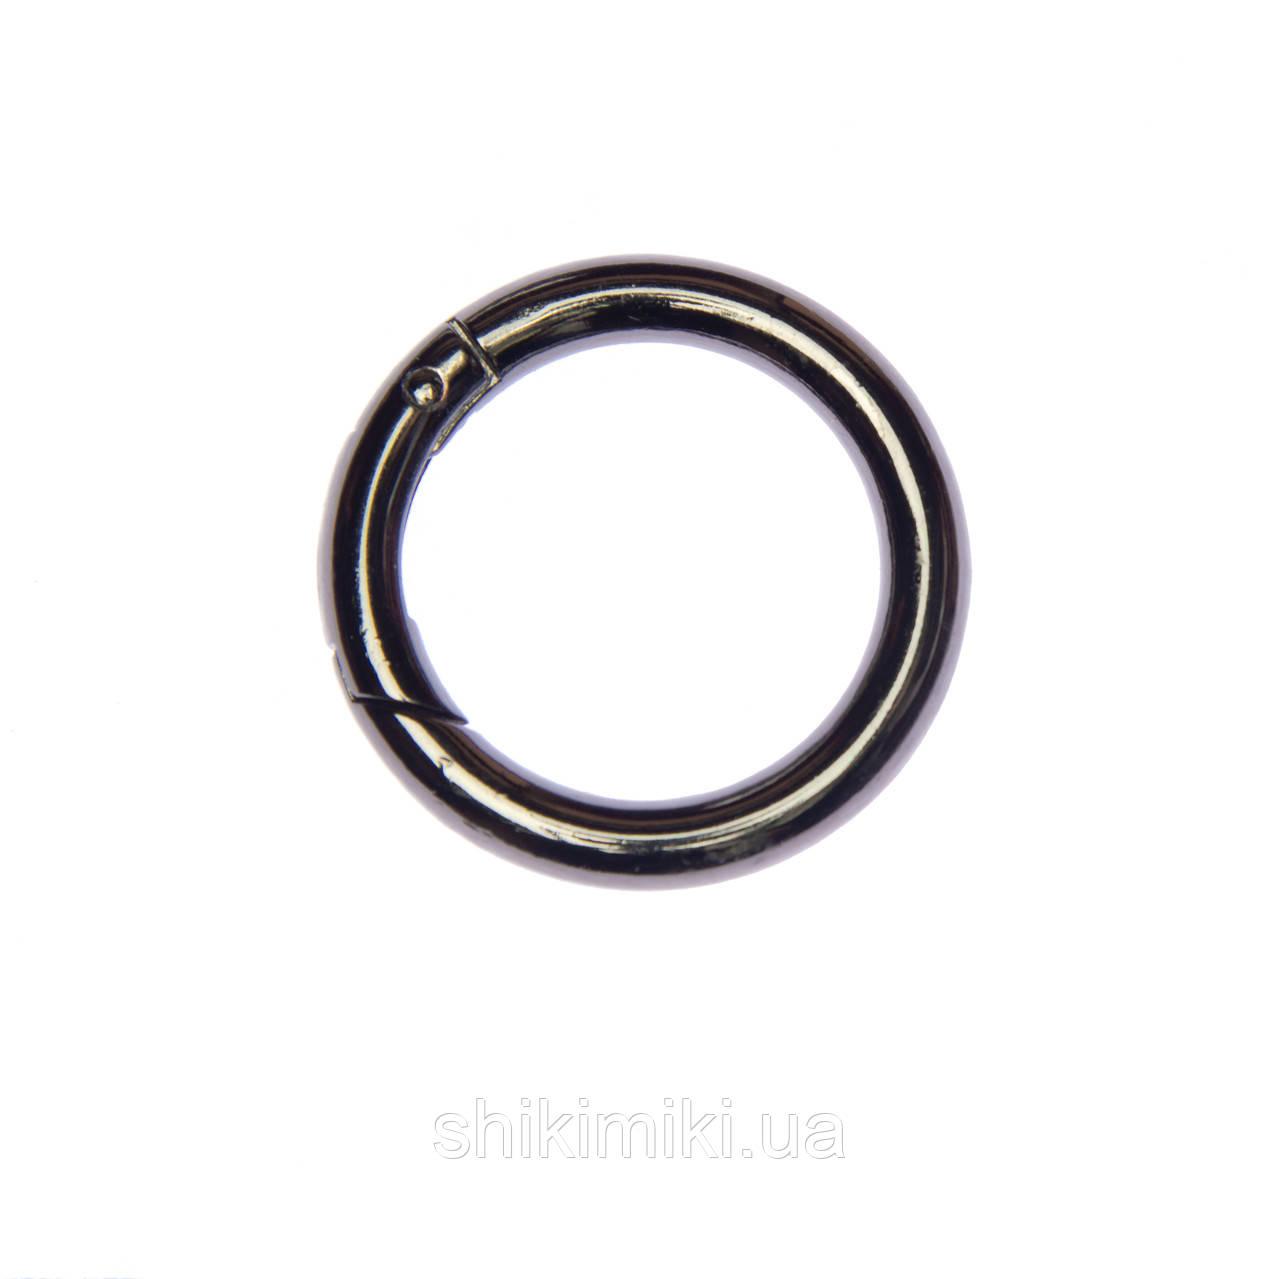 Кольцо-карабин KK03-2 (30 мм), цвет темный никель